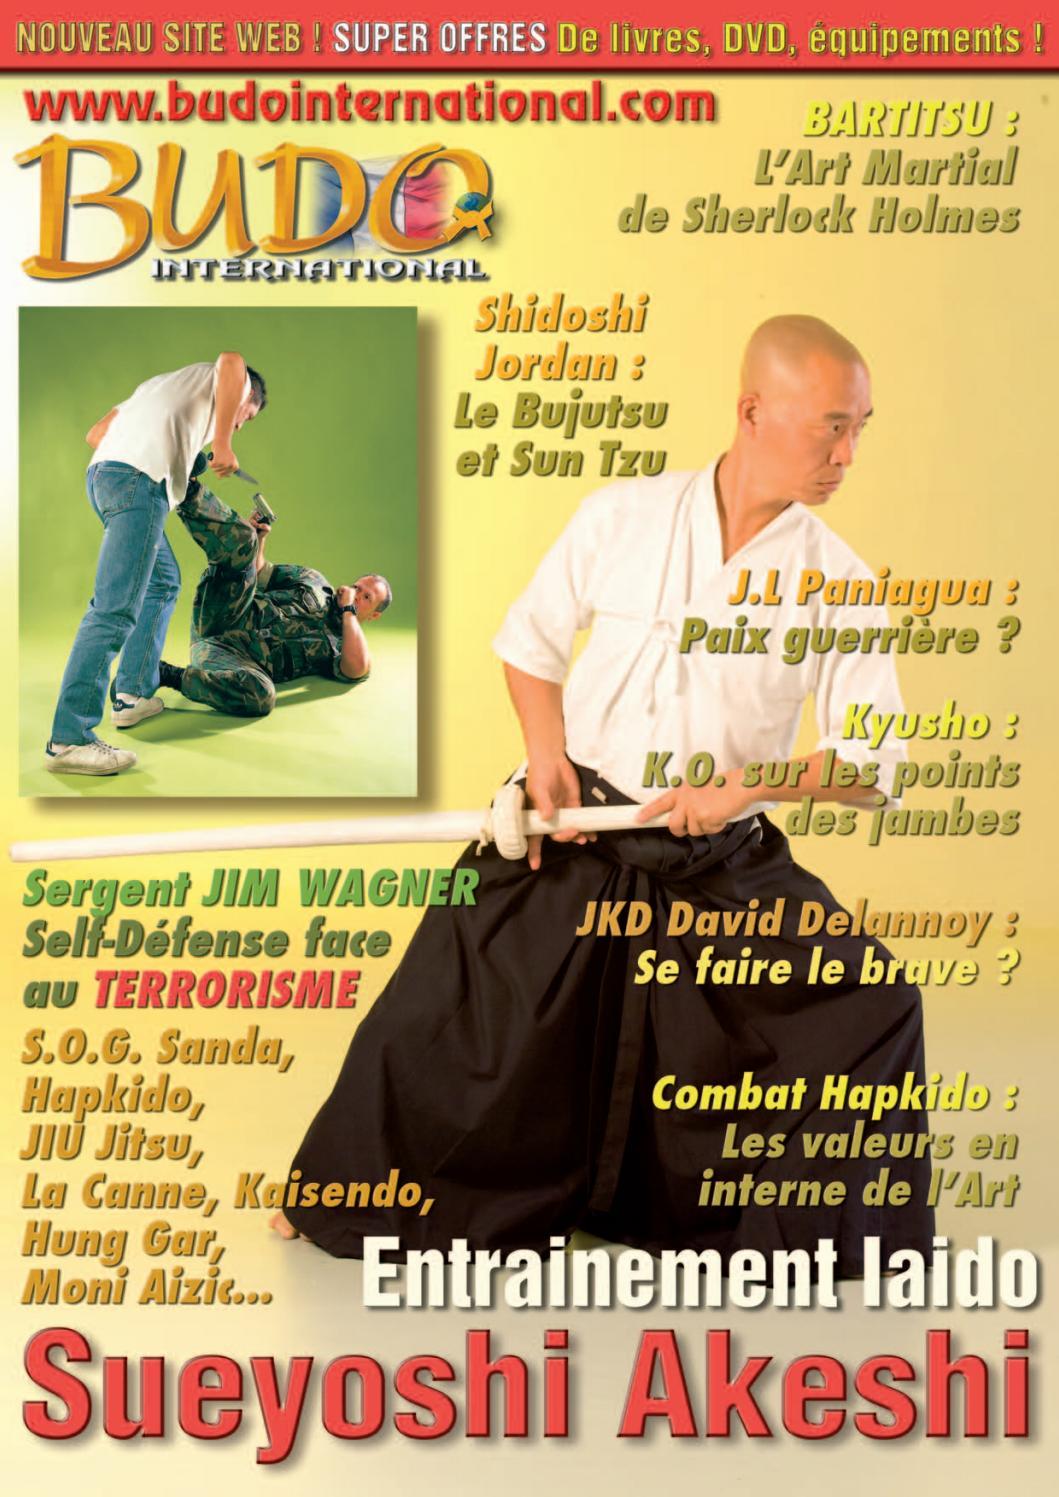 Cible de Coup de Taekwondo Cible /éponge Douce en PU pour Adulte Coussin de Frappe de Taekwondo Coup de Poing